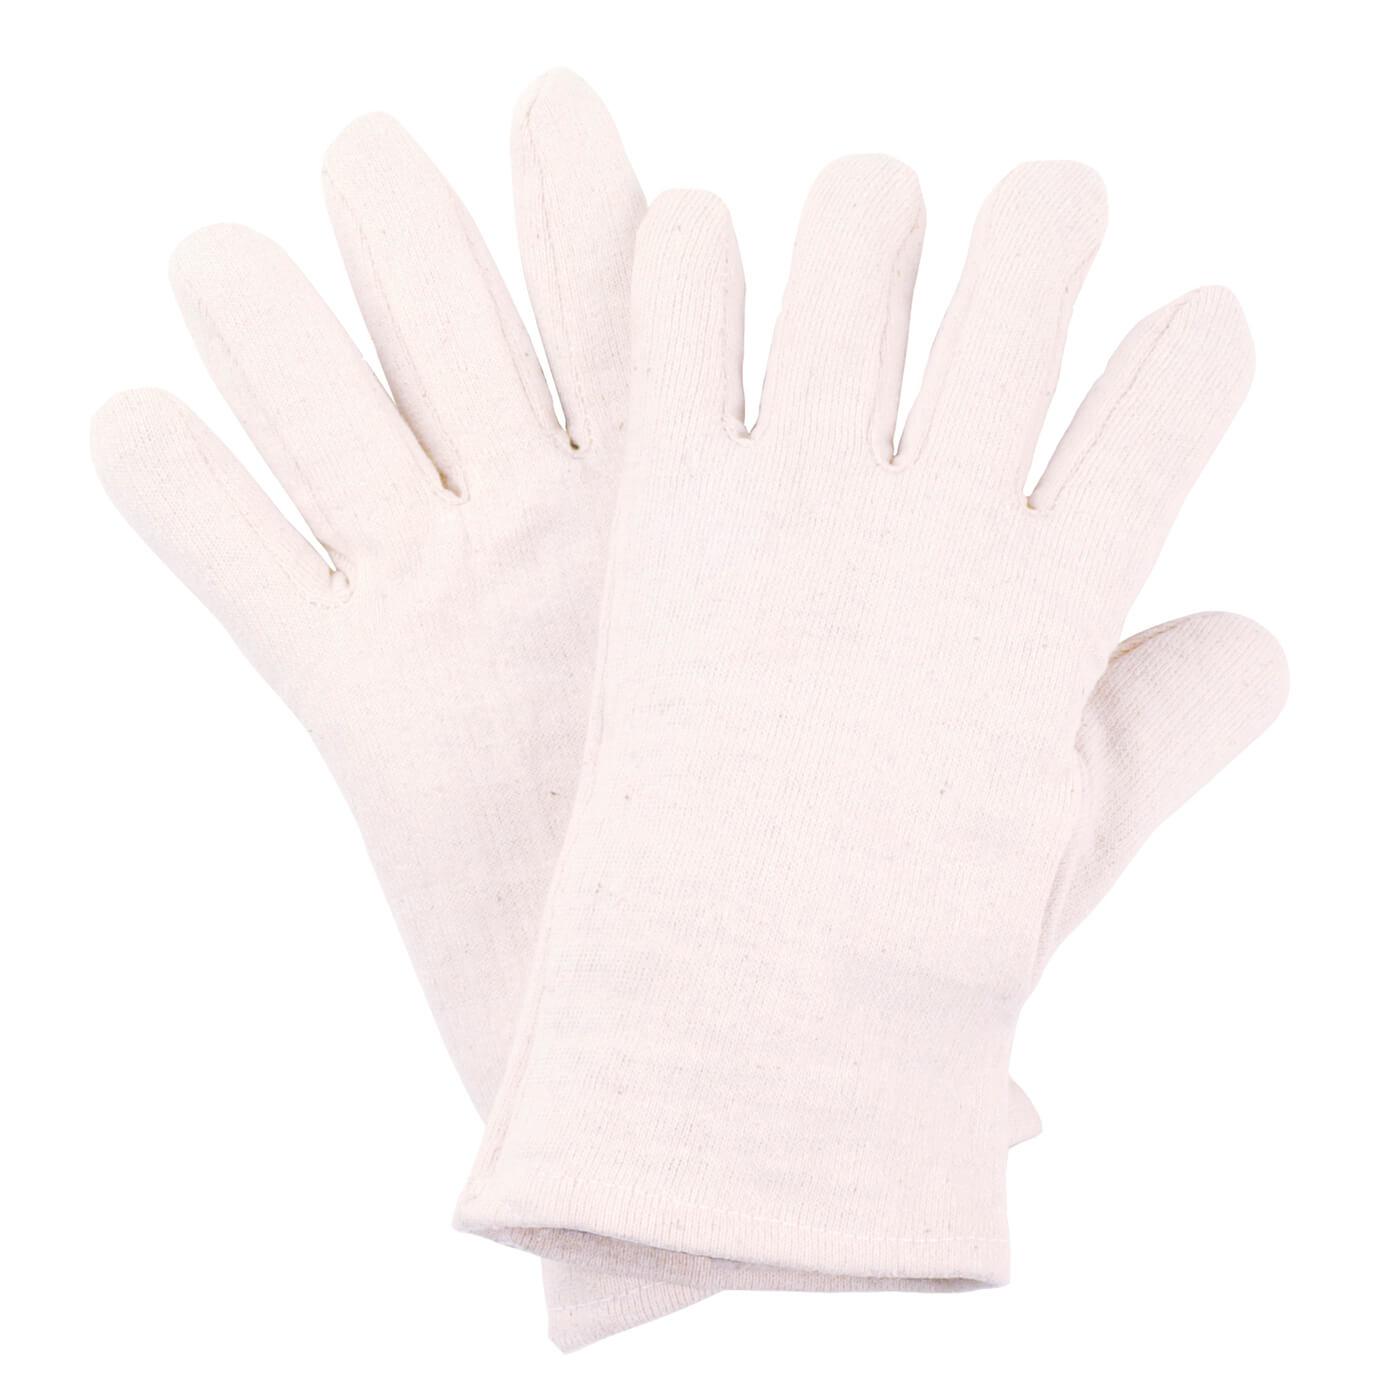 Rękawice bawełniane Nitras 5010